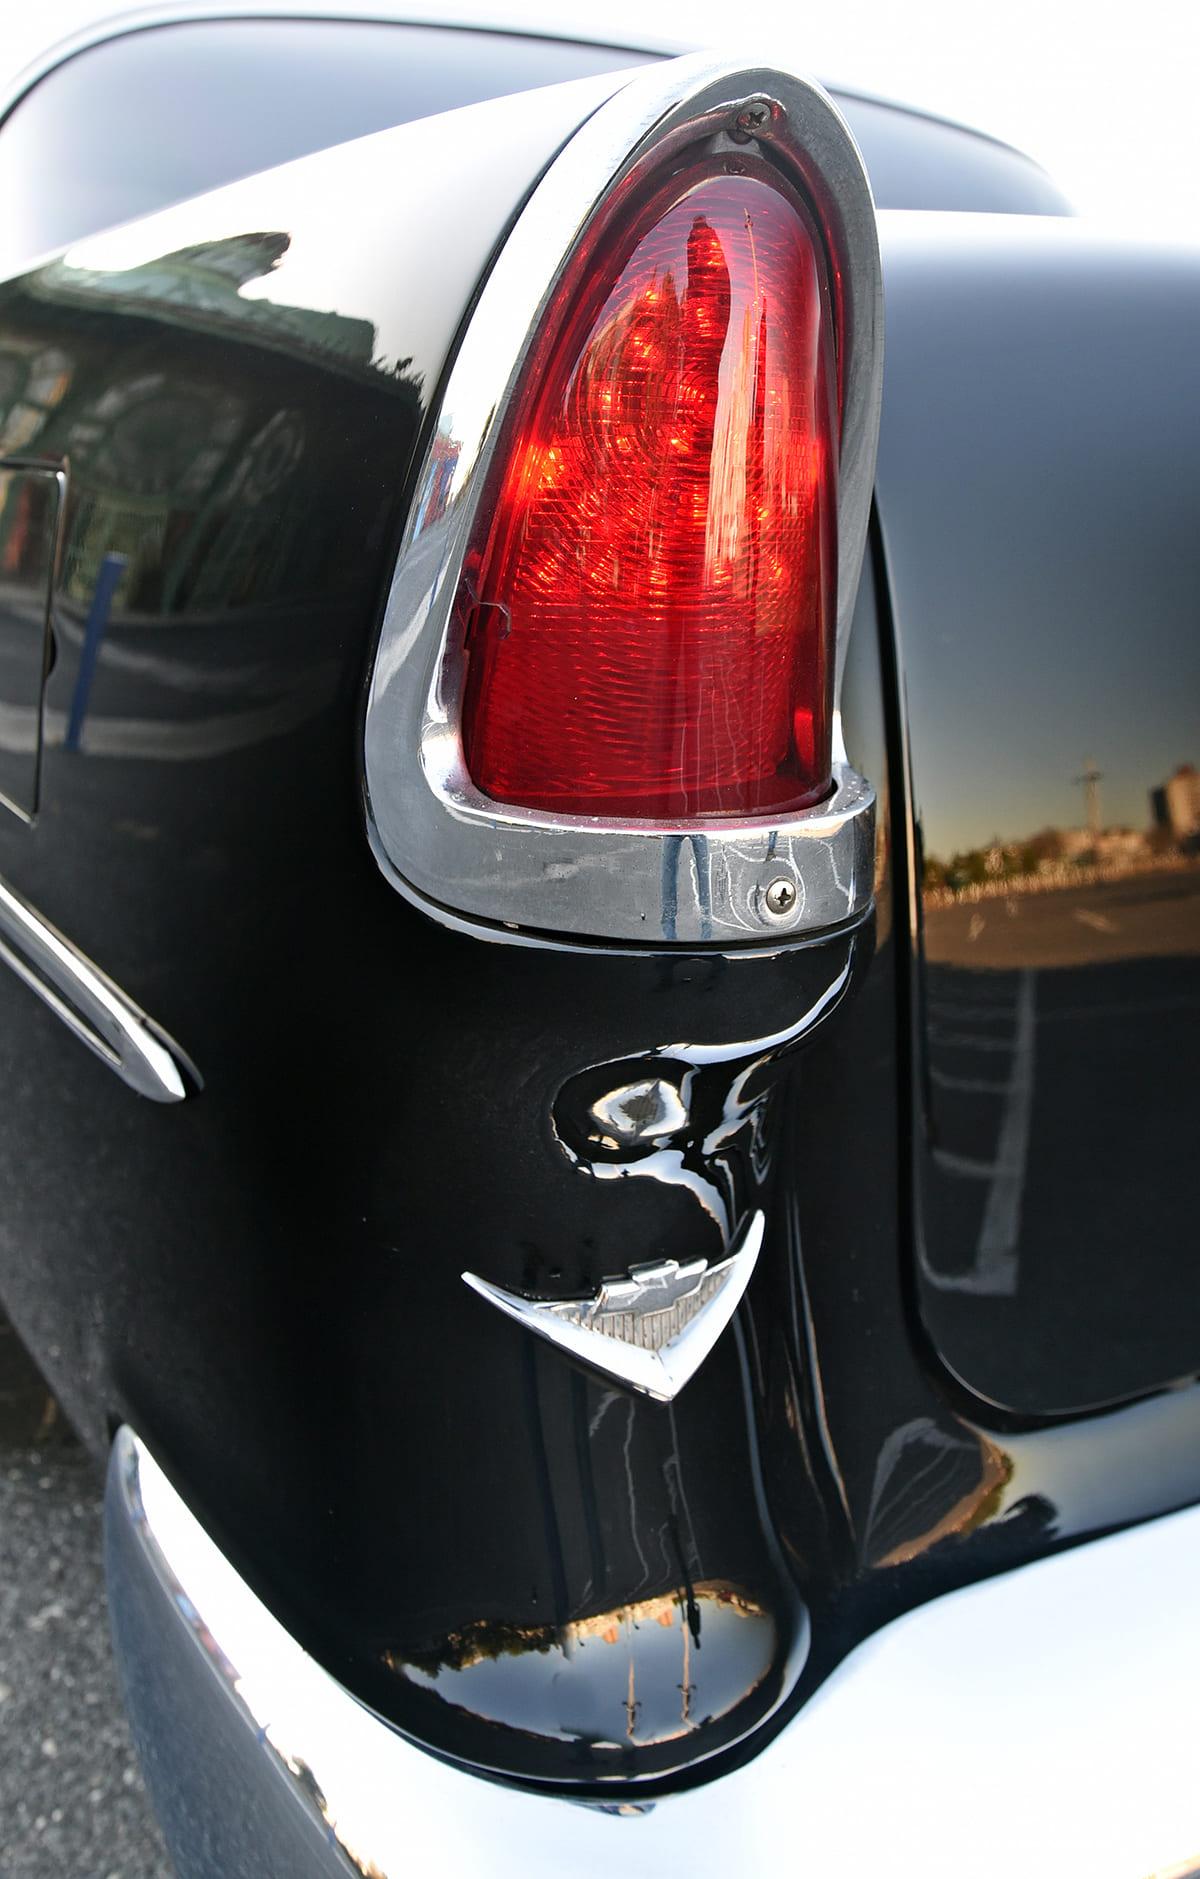 014-black-1955-chevy-restomod